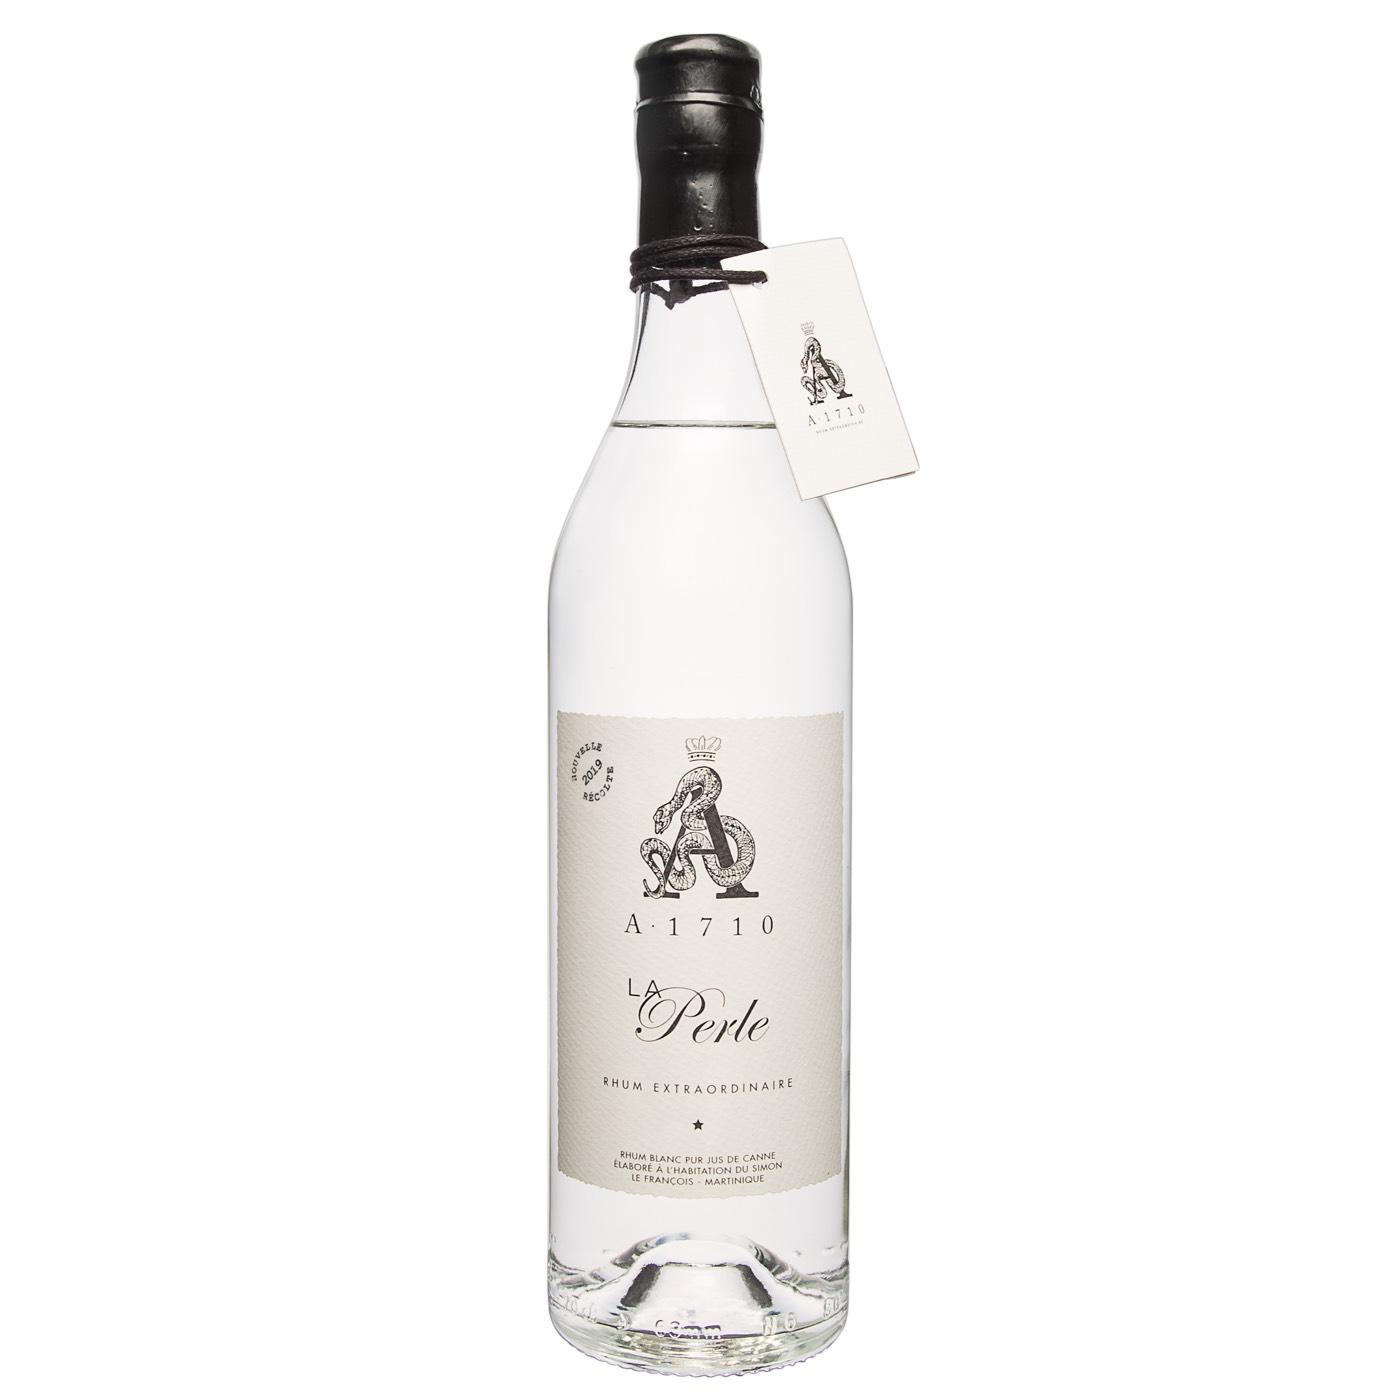 Bottle image of A1710 La Perle